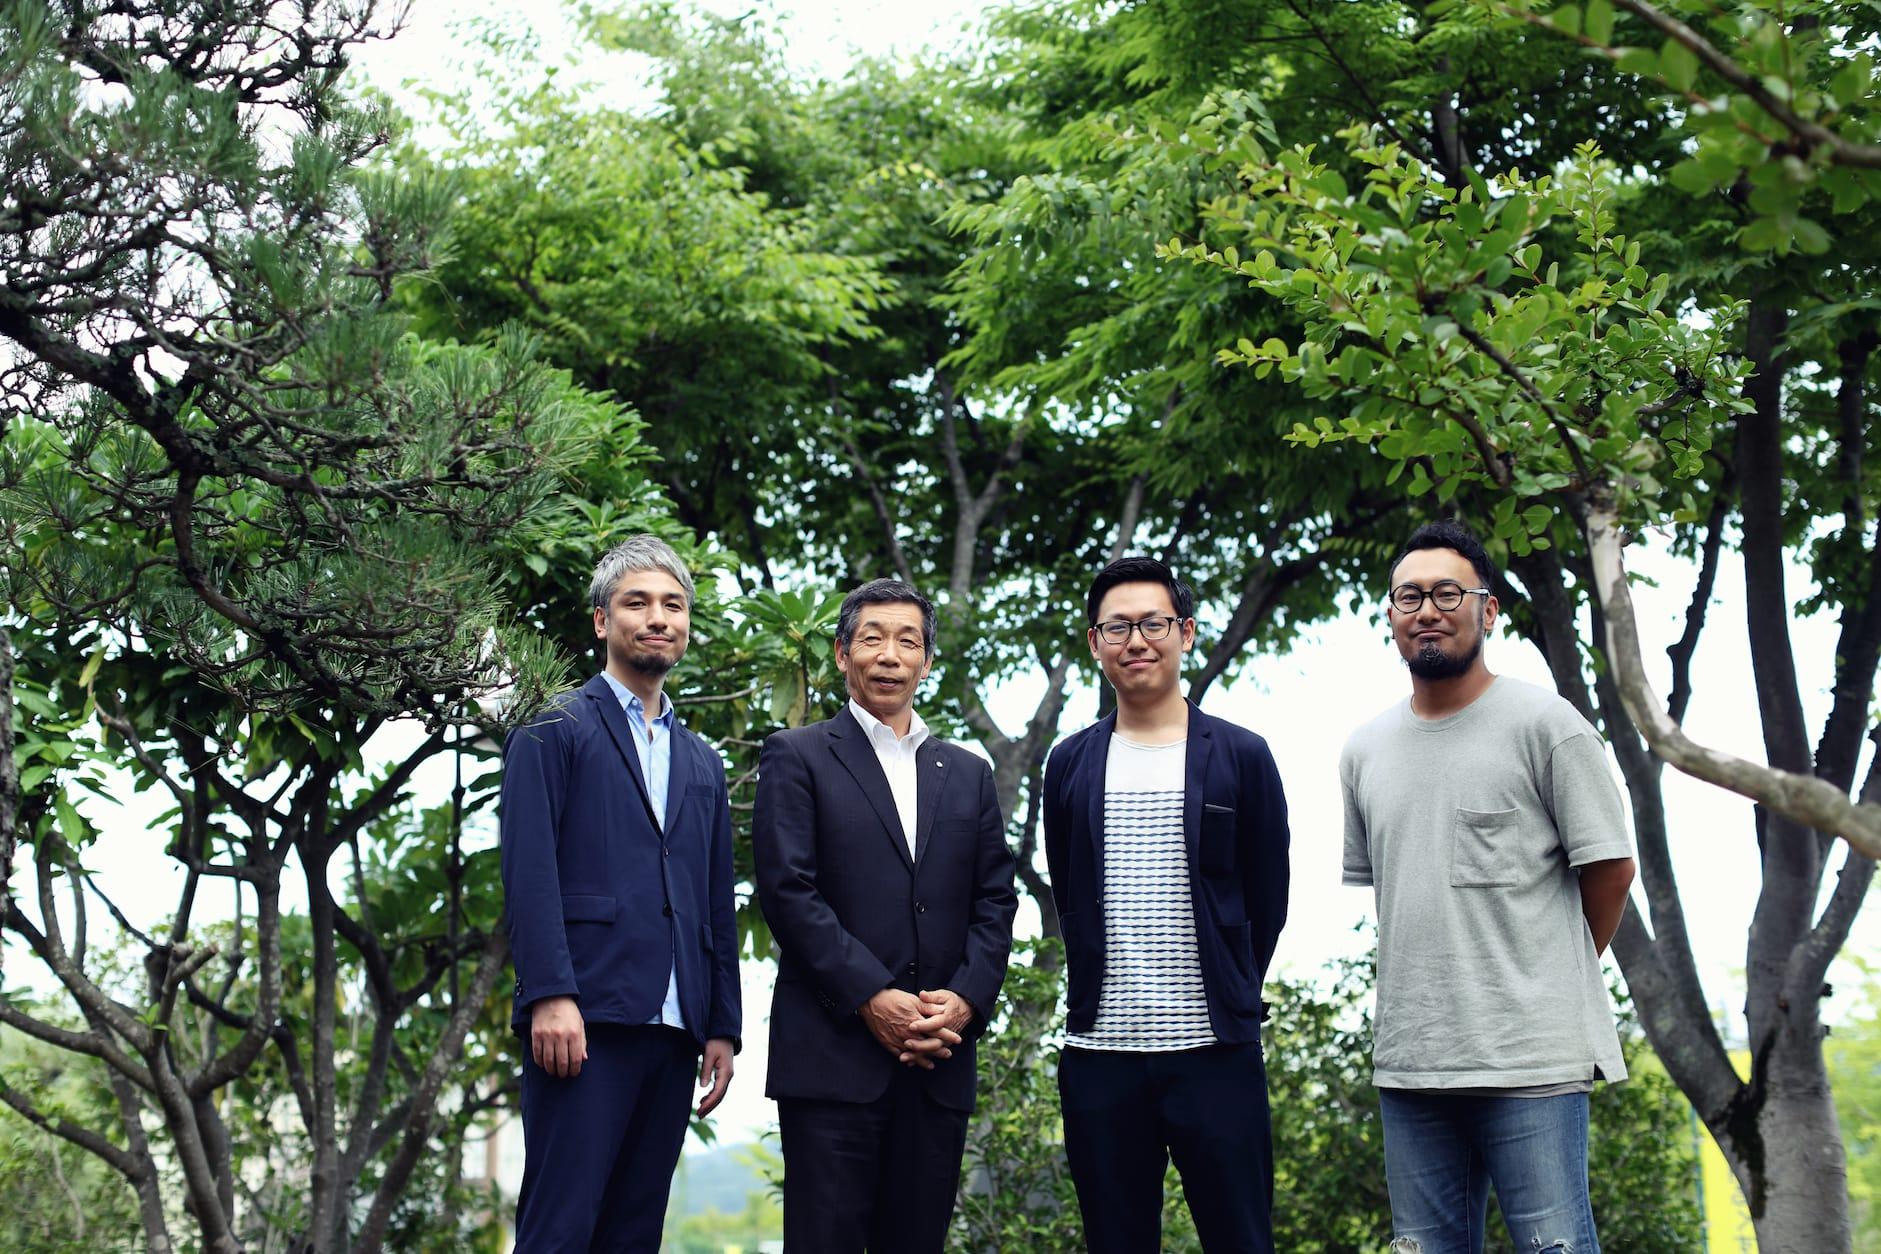 左から、ラナエクストラクティブ太田さん、保科町長、MAKOTO島さん、小松さん。